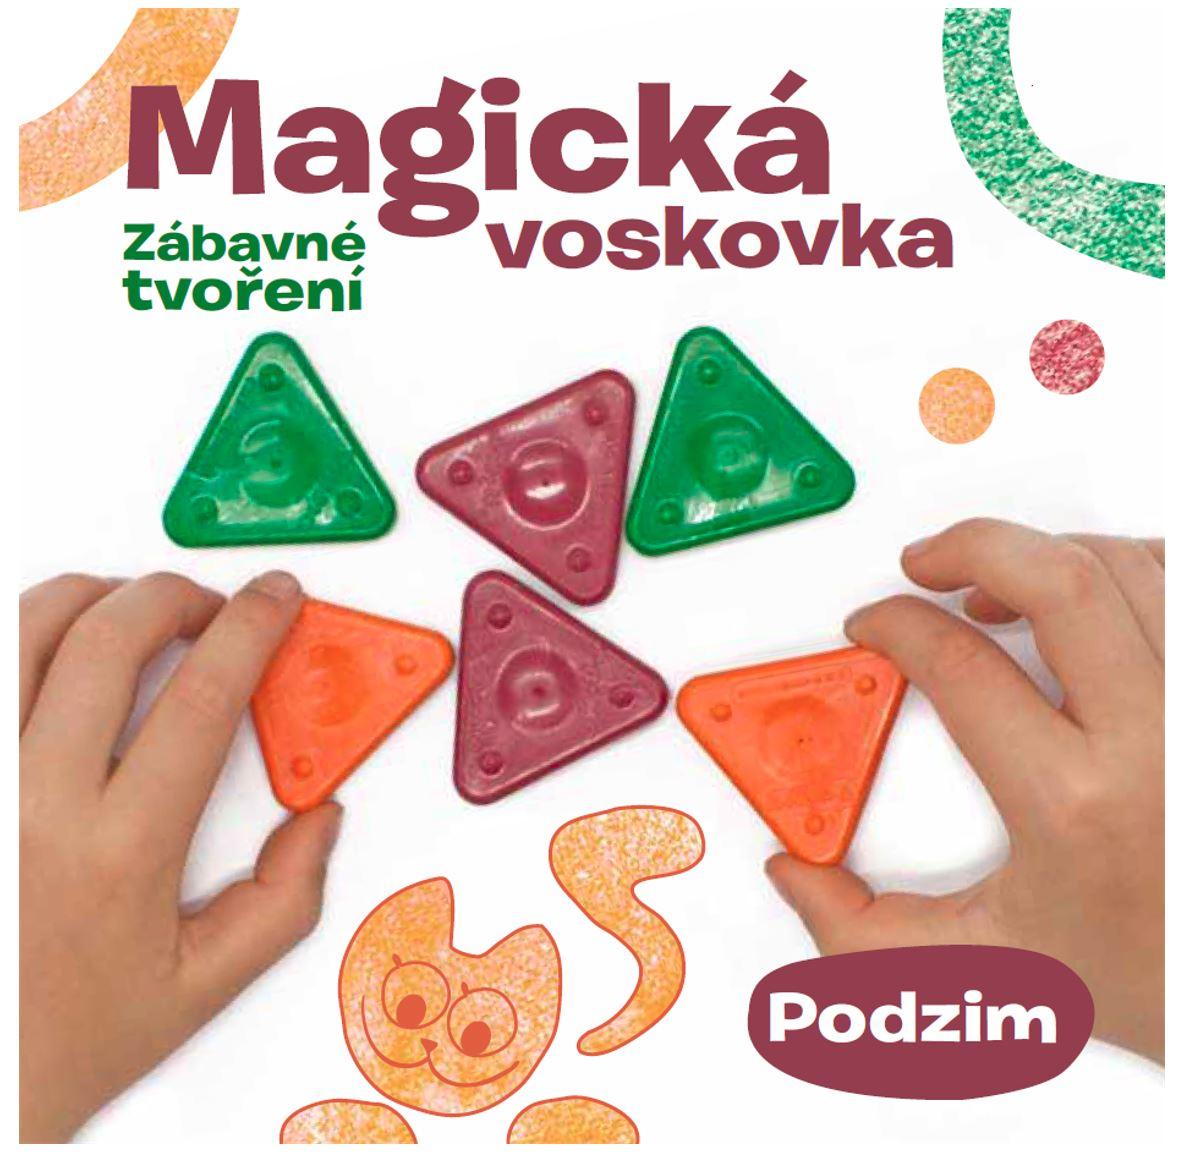 Kniha – Magická voskovka; Zábavné tvoření, díl 3. PODZIM